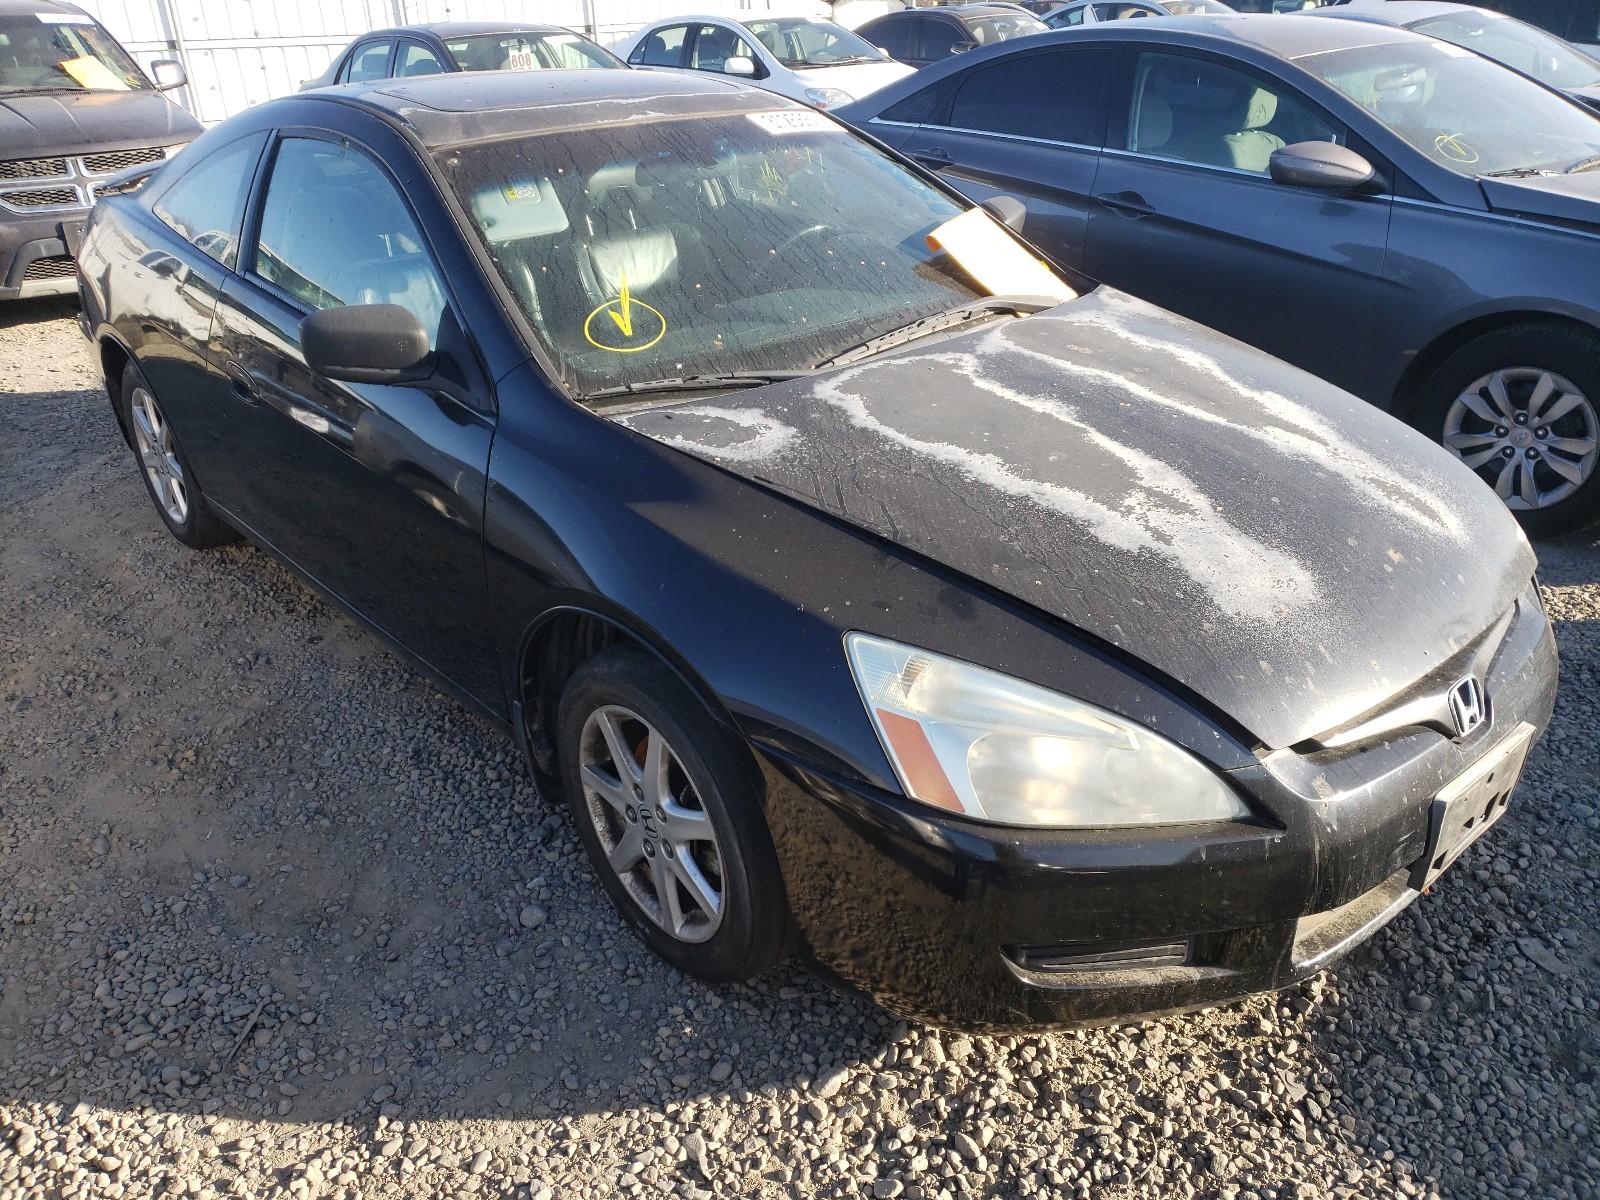 2003 Honda Accord Ex For Sale At Copart Sacramento Ca Lot 31256511 Salvagereseller Com